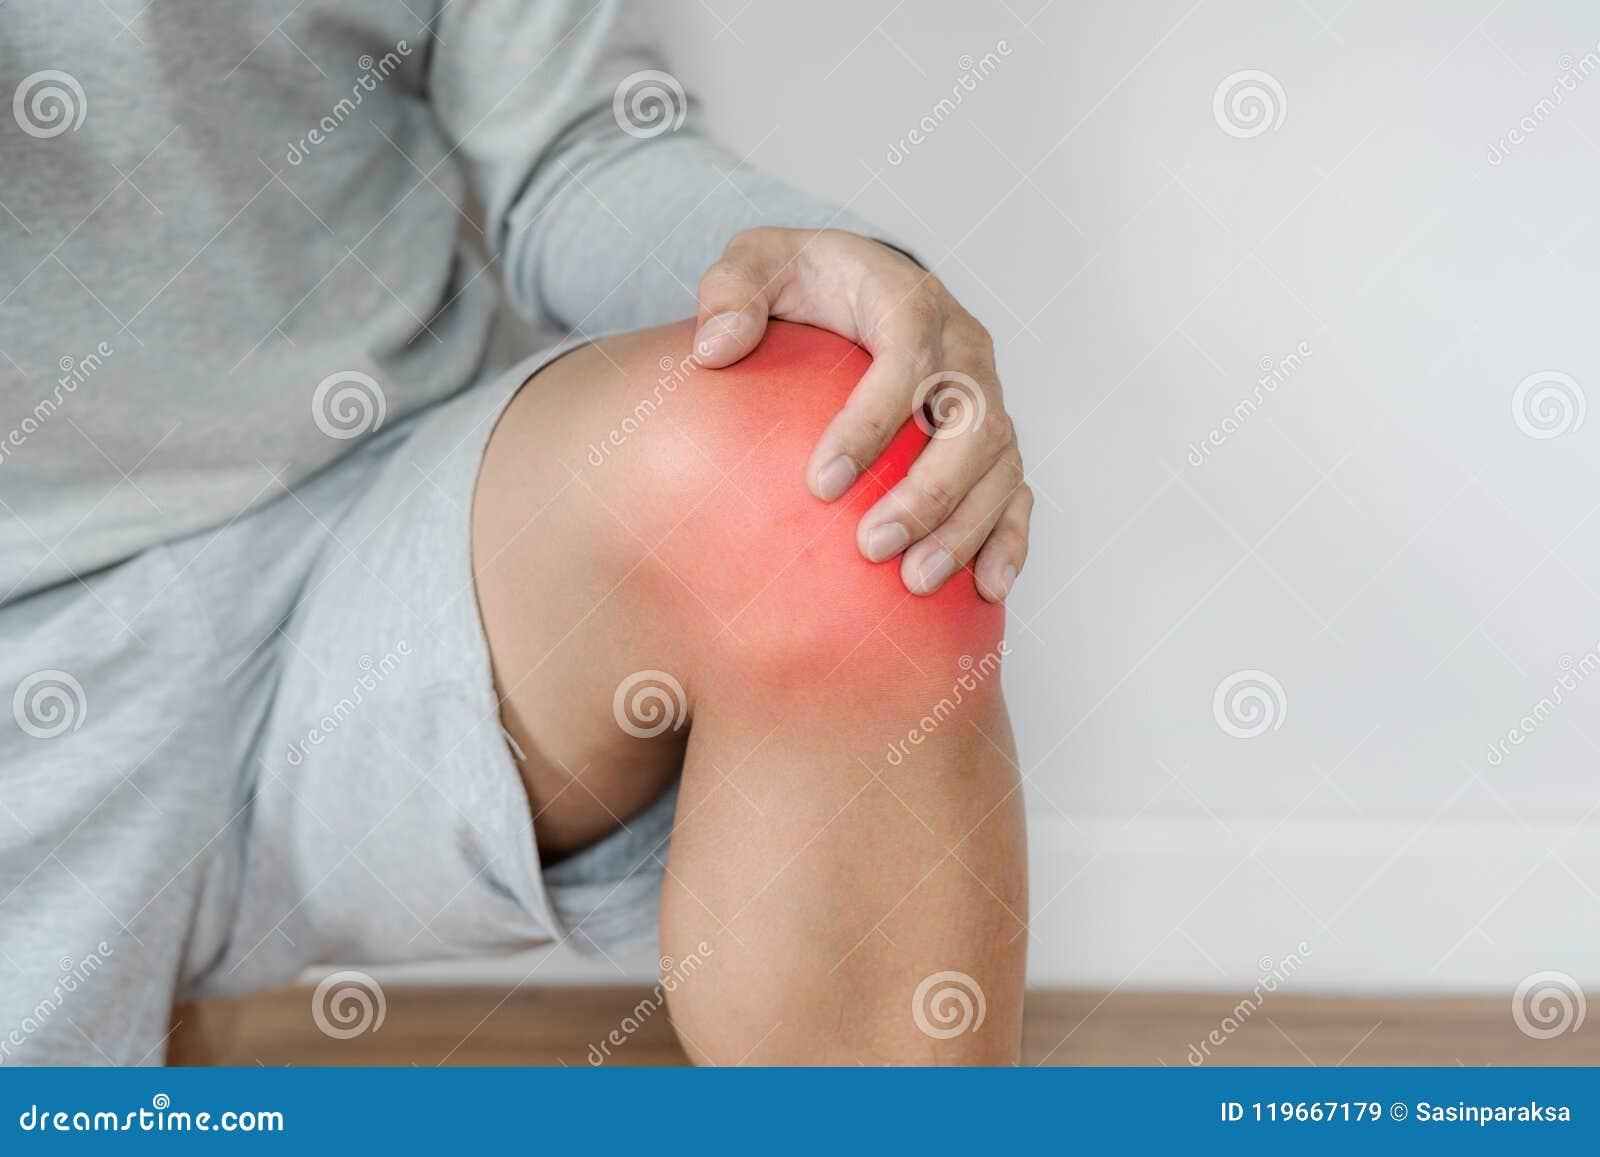 Ένα άτομο σχετικά με το γόνατο με το κόκκινο δίνει έμφαση στην έννοια του γονάτου και του κοινού πόνου